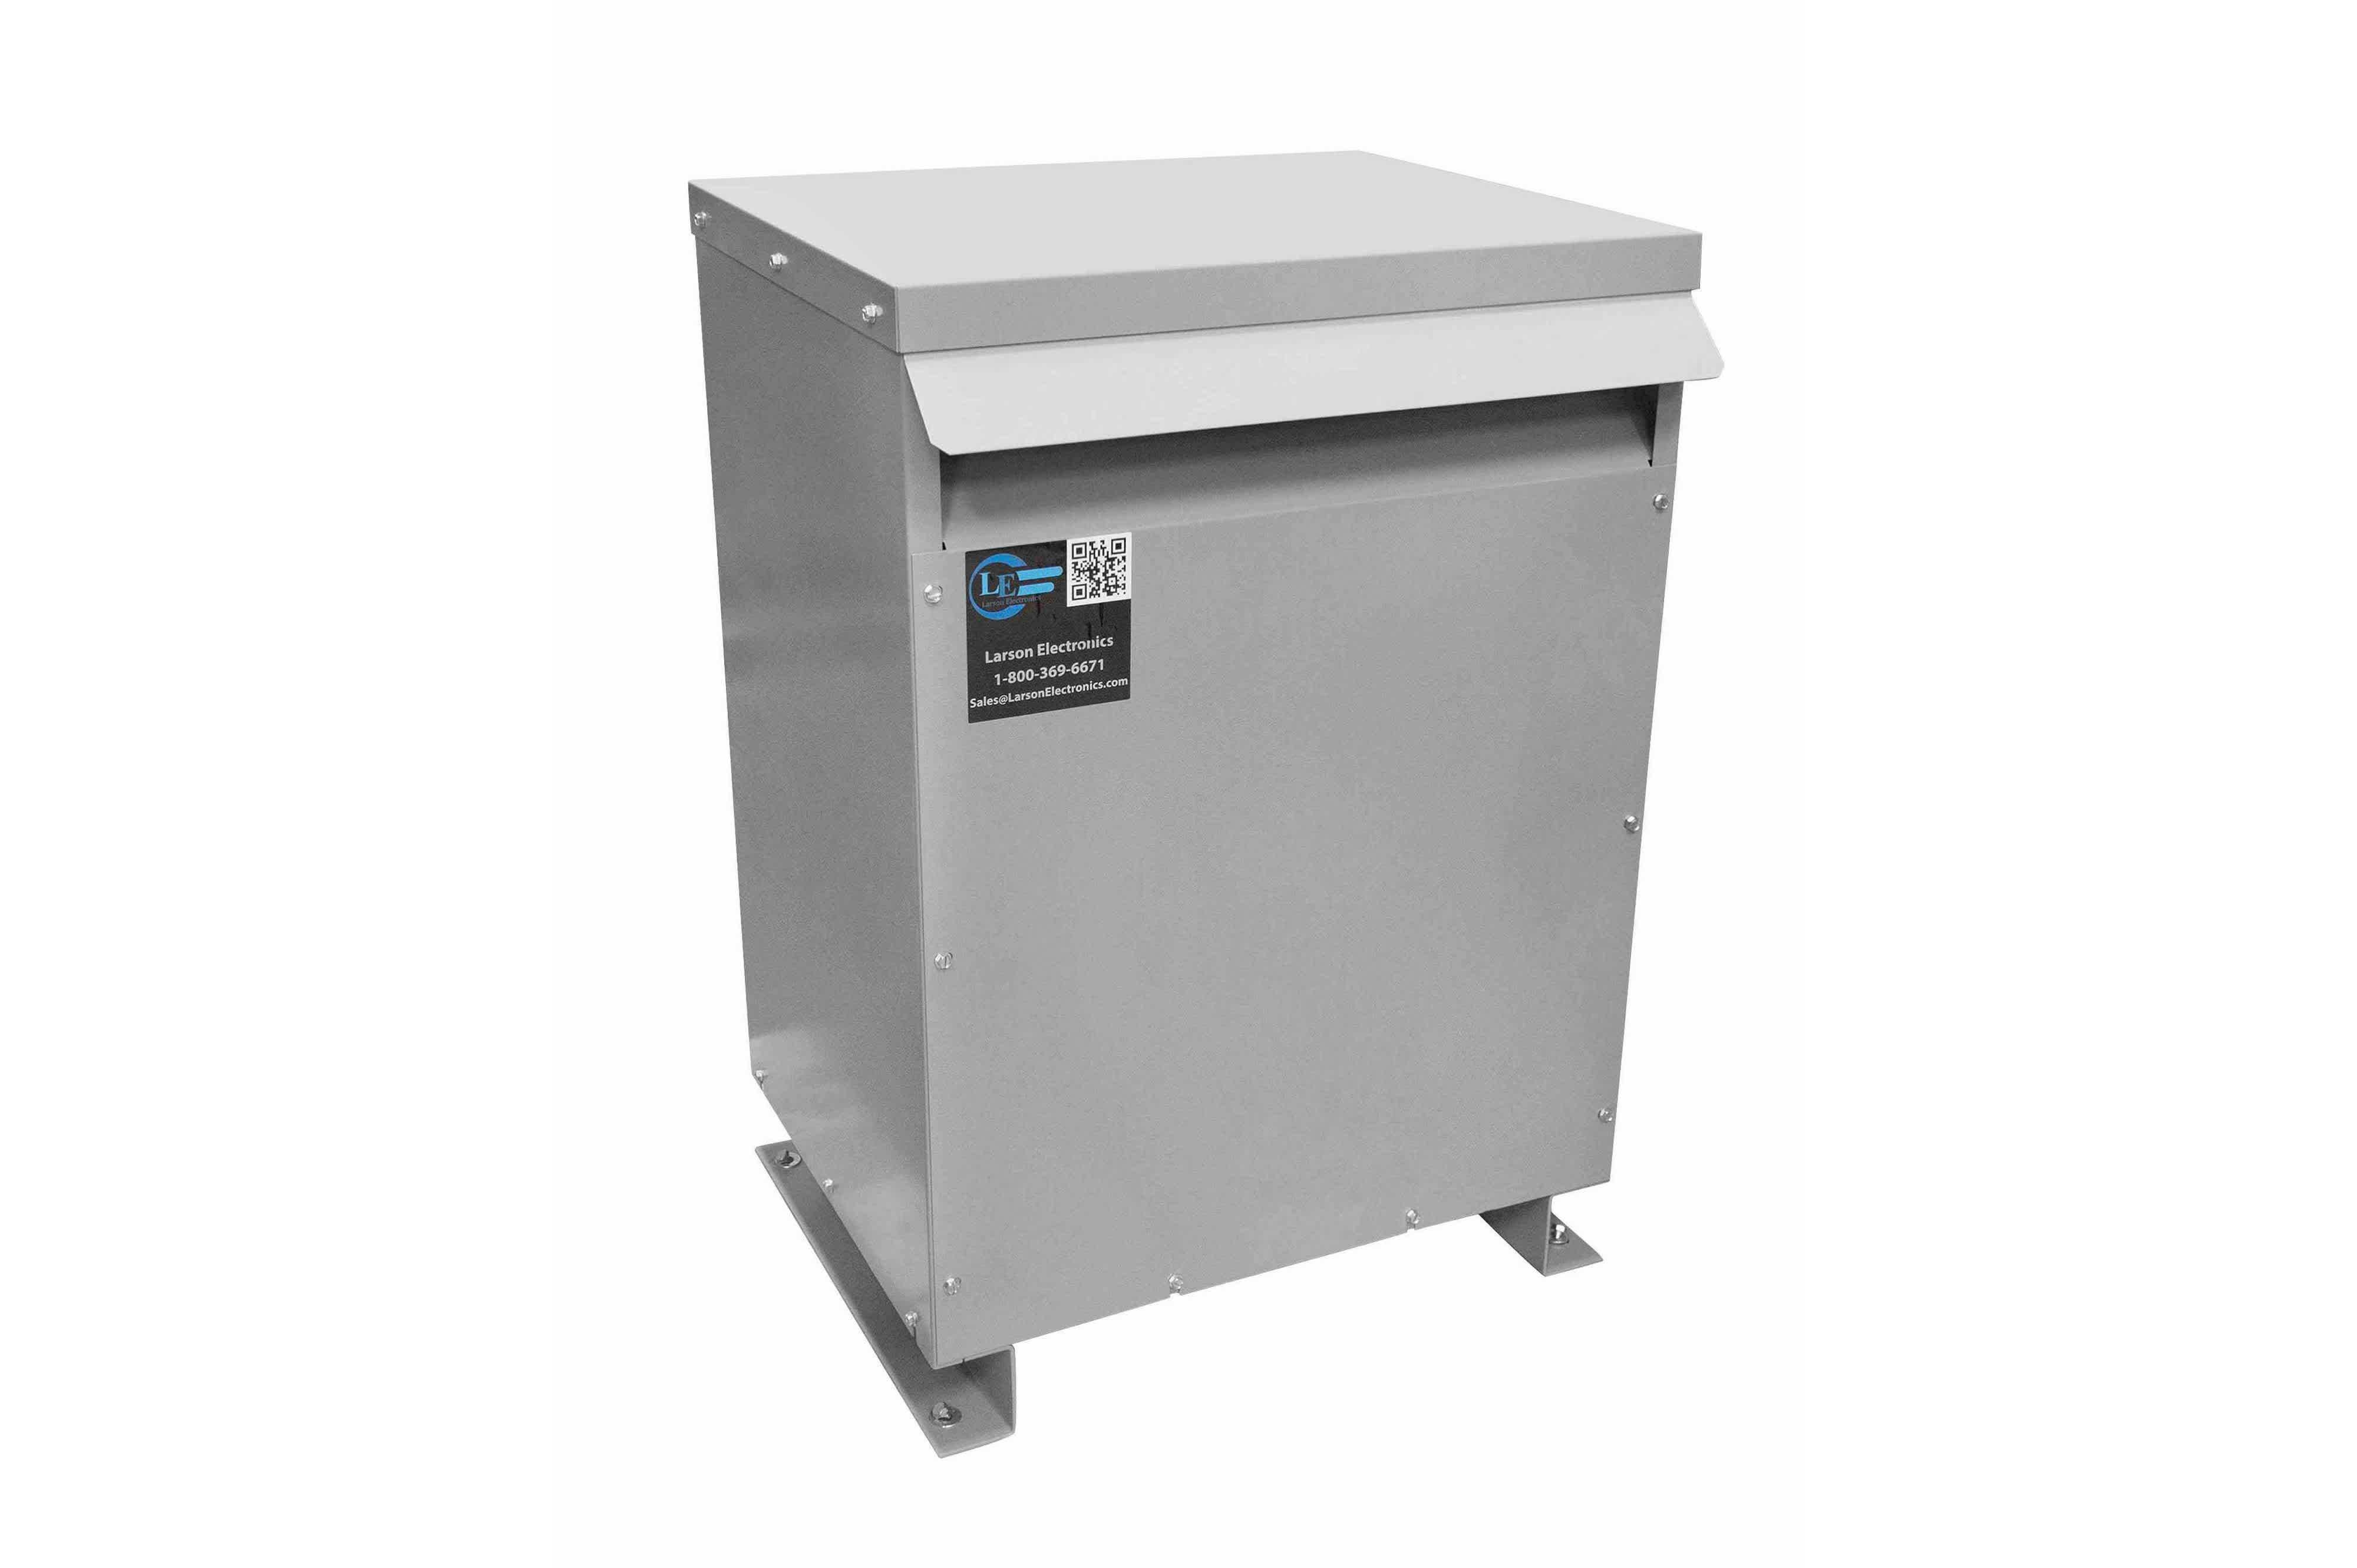 167 kVA 3PH DOE Transformer, 460V Delta Primary, 240V/120 Delta Secondary, N3R, Ventilated, 60 Hz